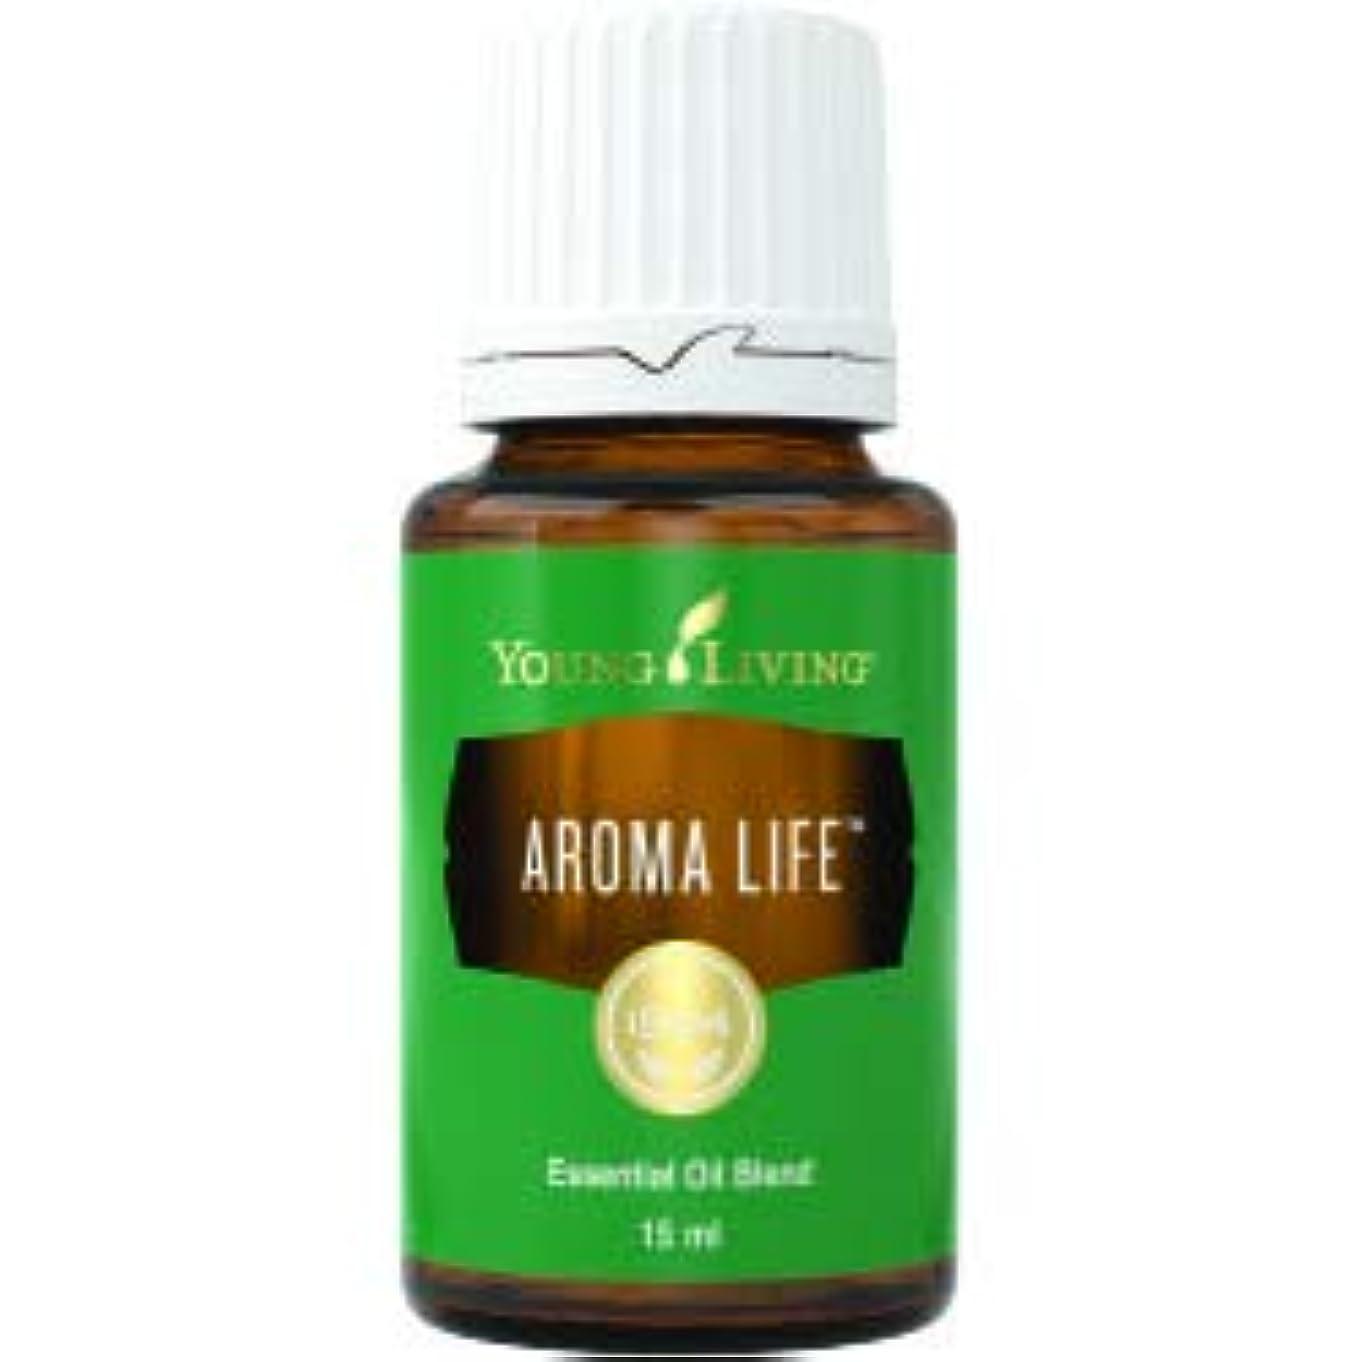 鈍い振り返るマグアロマライフ™は、イランイランの調和効果と既知の大手サイプレス、ヘリクリサム、マジョラムを組み合わせたものです。オイルブレンドはあなたの生命力を活性化し、リラックスをもたらします Aroma Life Essential...